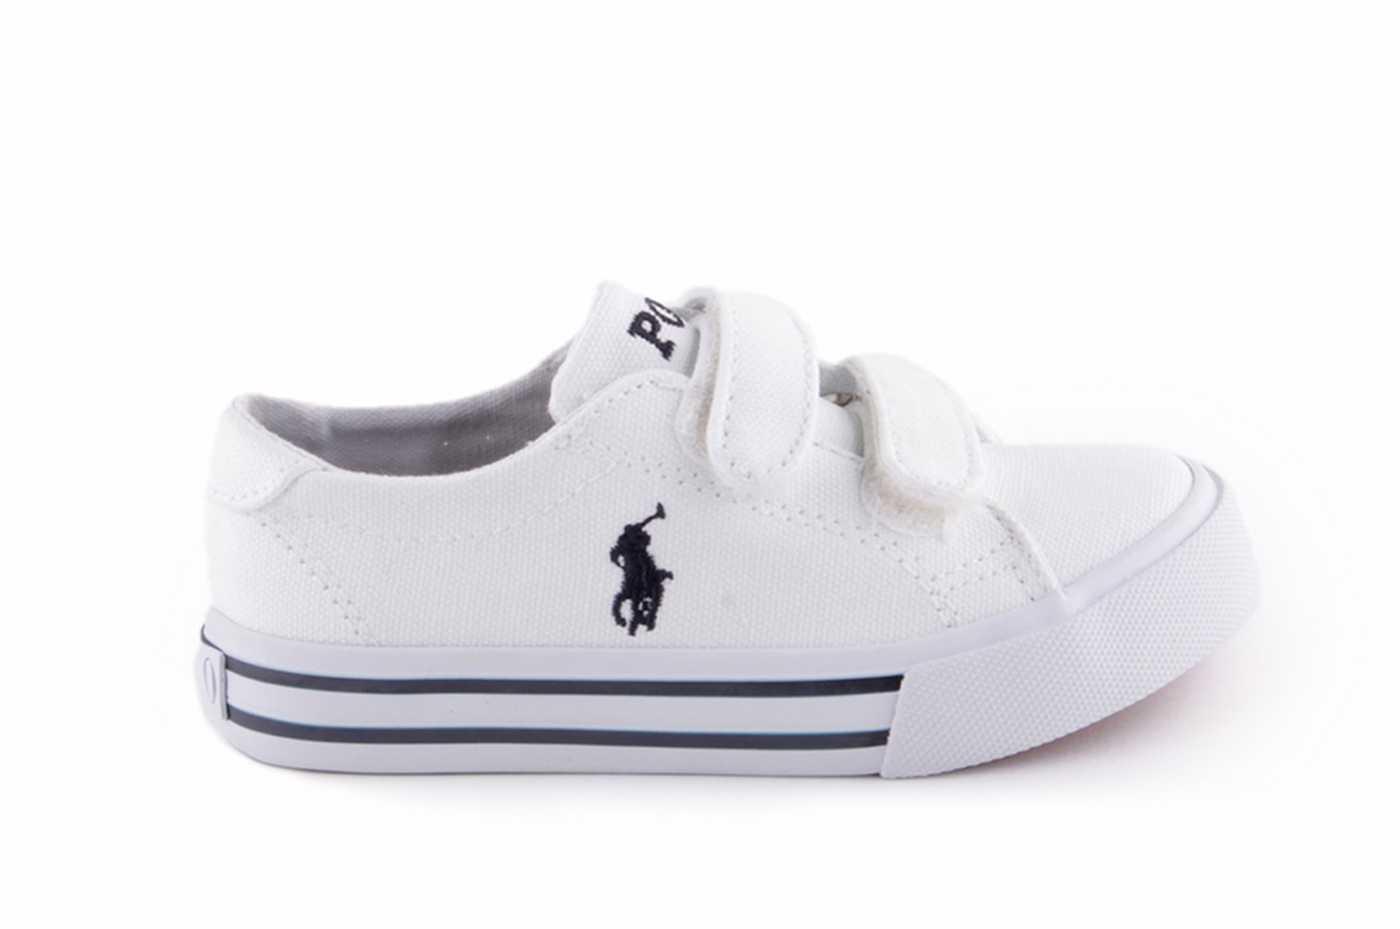 4847d388558ad Comprar zapato tipo JOVEN NIÑO estilo LONA COLOR BLANCO TEXTIL ...